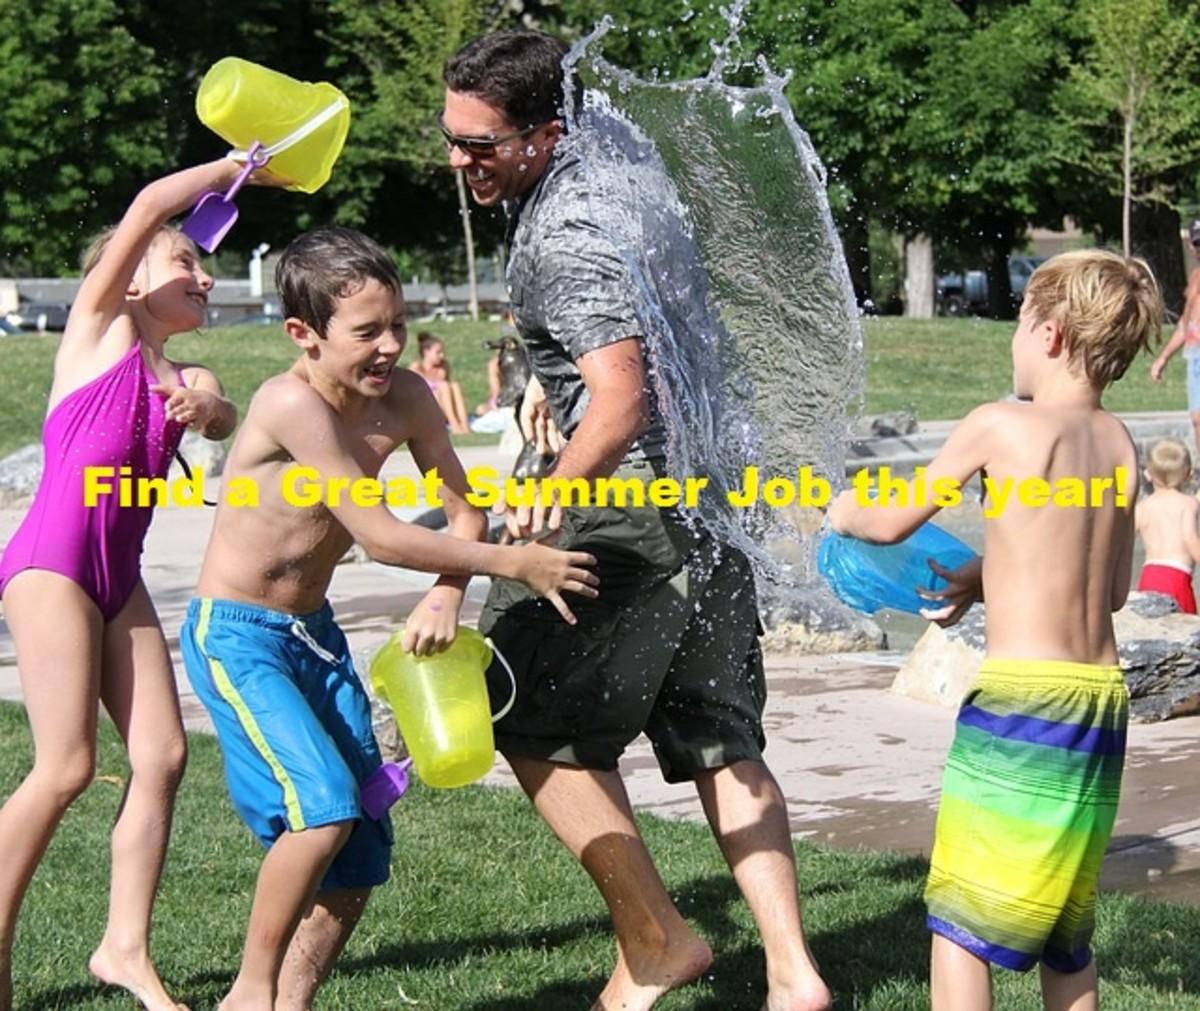 Find a good summer job with a little help.